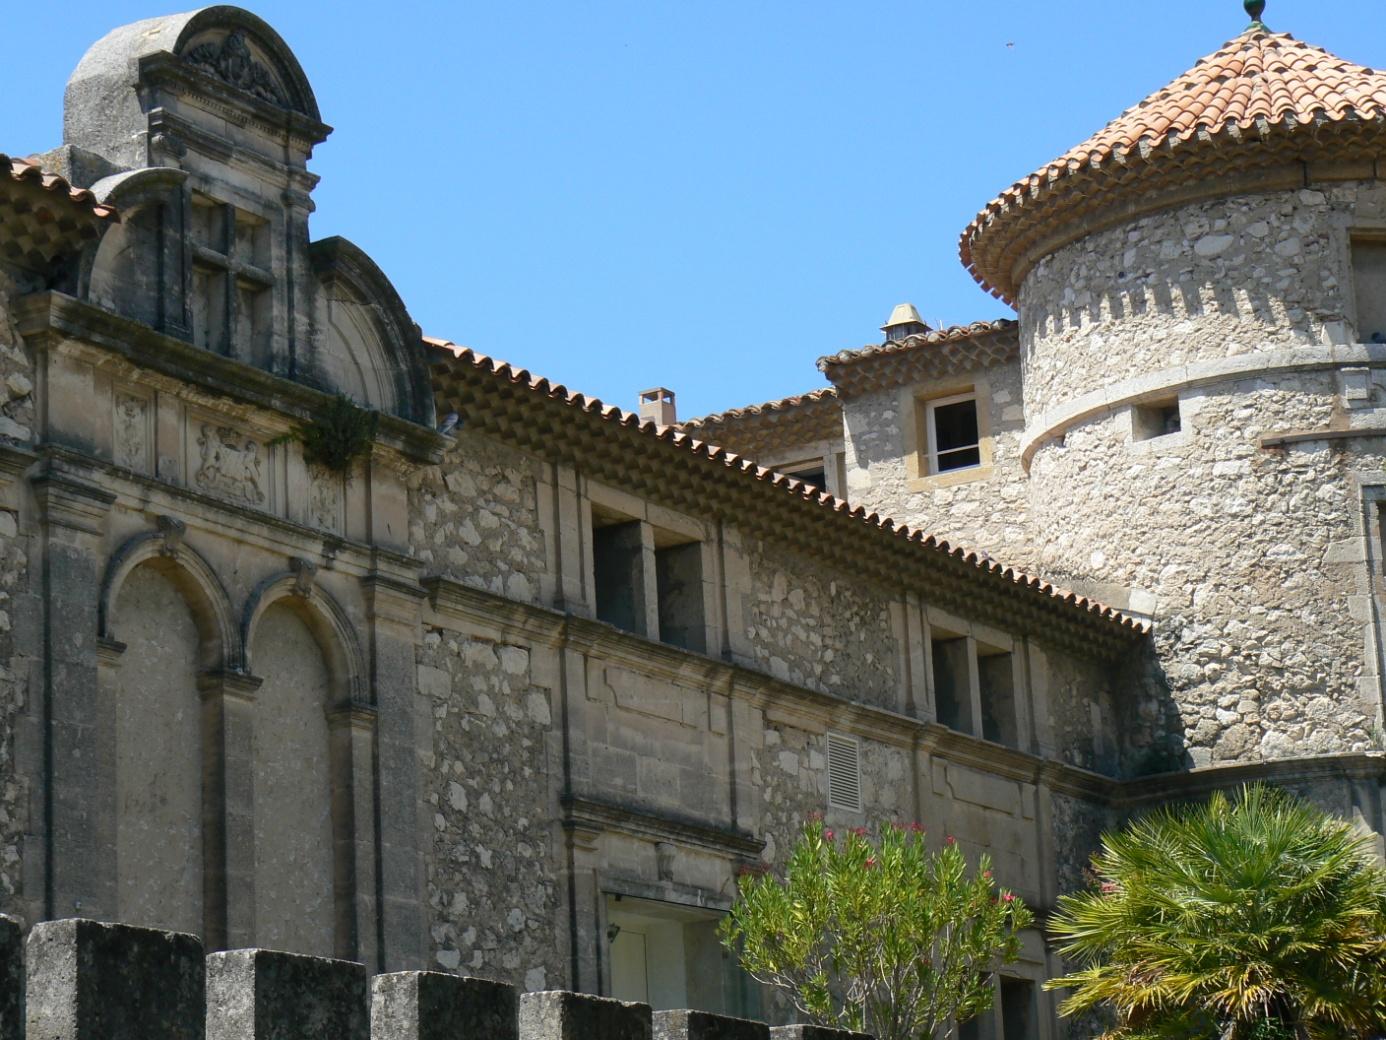 C:\Users\Daniel\Pictures\La Marquise\La Roque d'A\La Roque\La Marquise ses deumeures 086.jpg